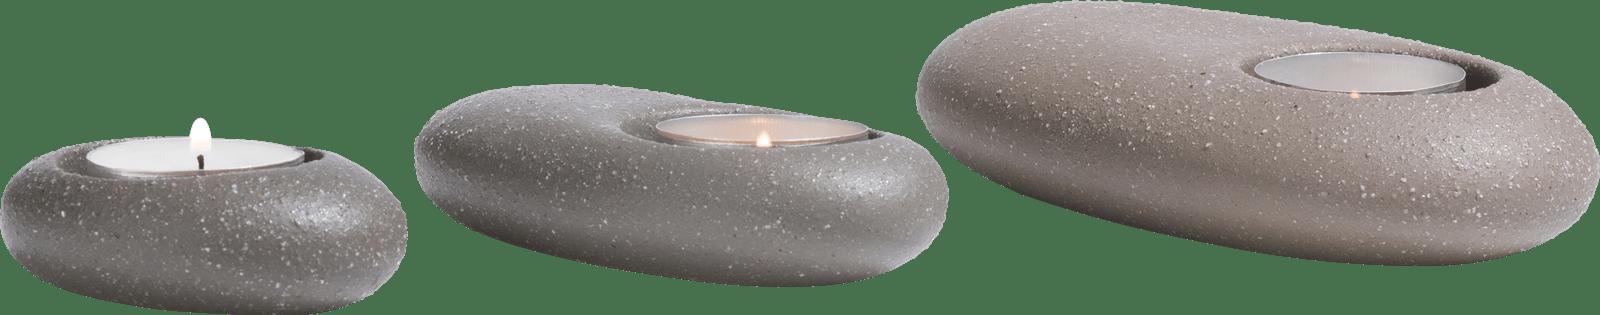 Coco Maison - theelicht stones - set van 3